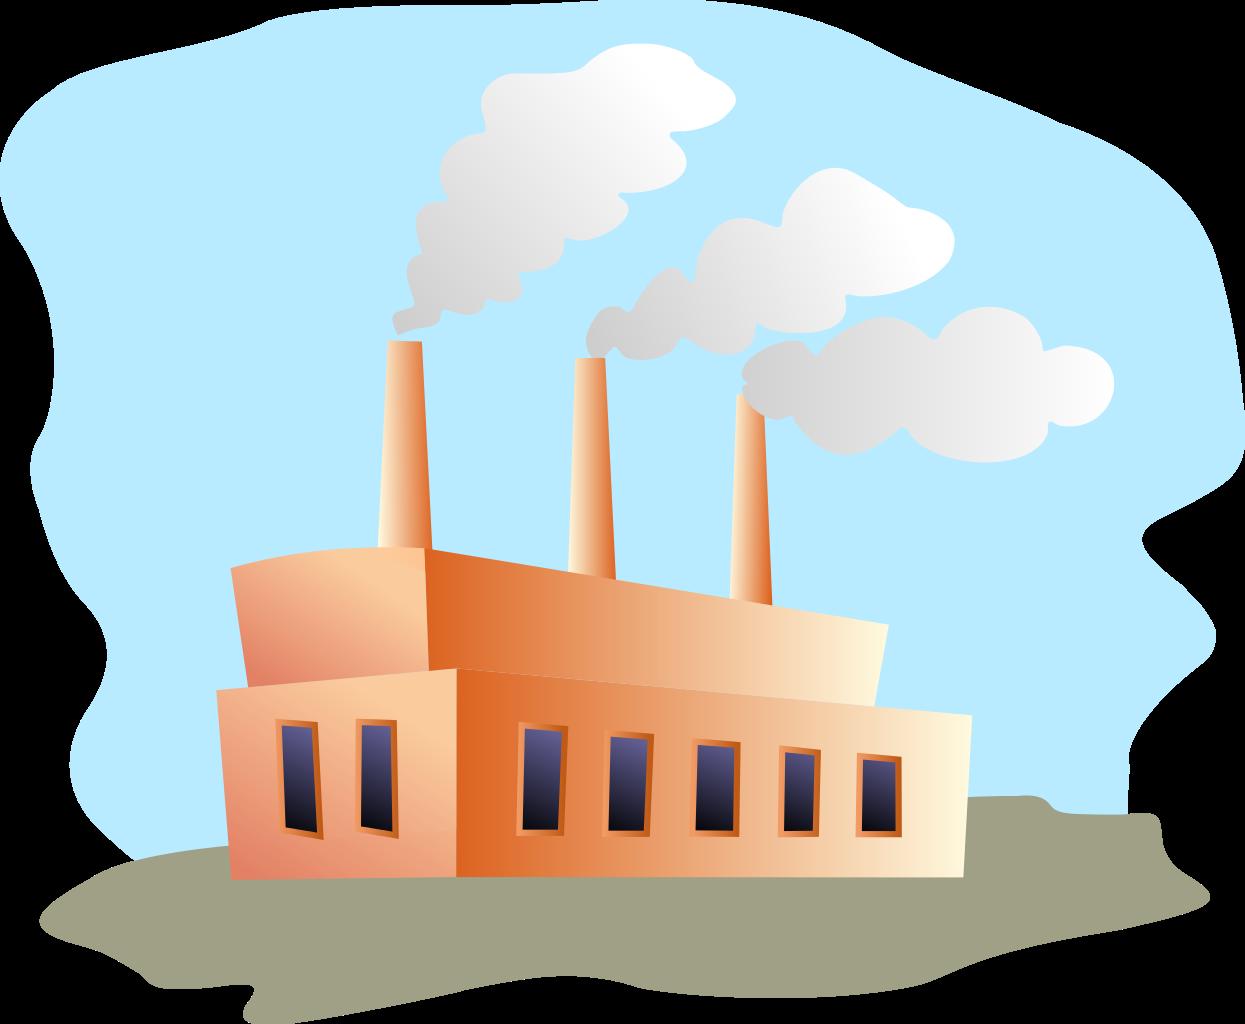 factories clipart svg